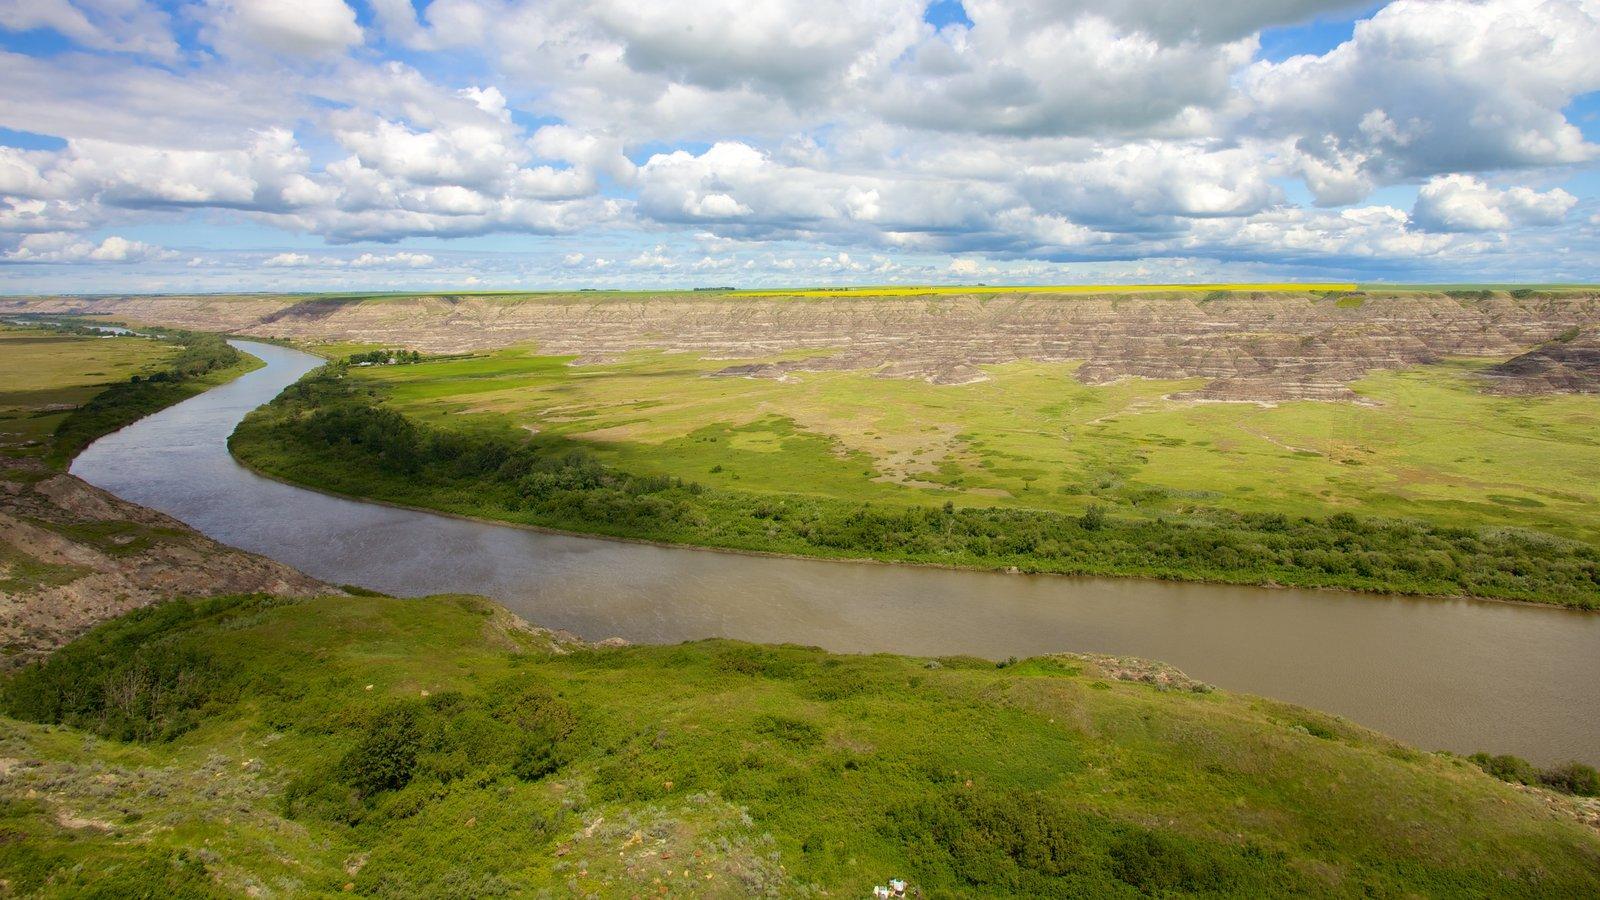 Drumheller ofreciendo vistas de paisajes, escenas tranquilas y un río o arroyo